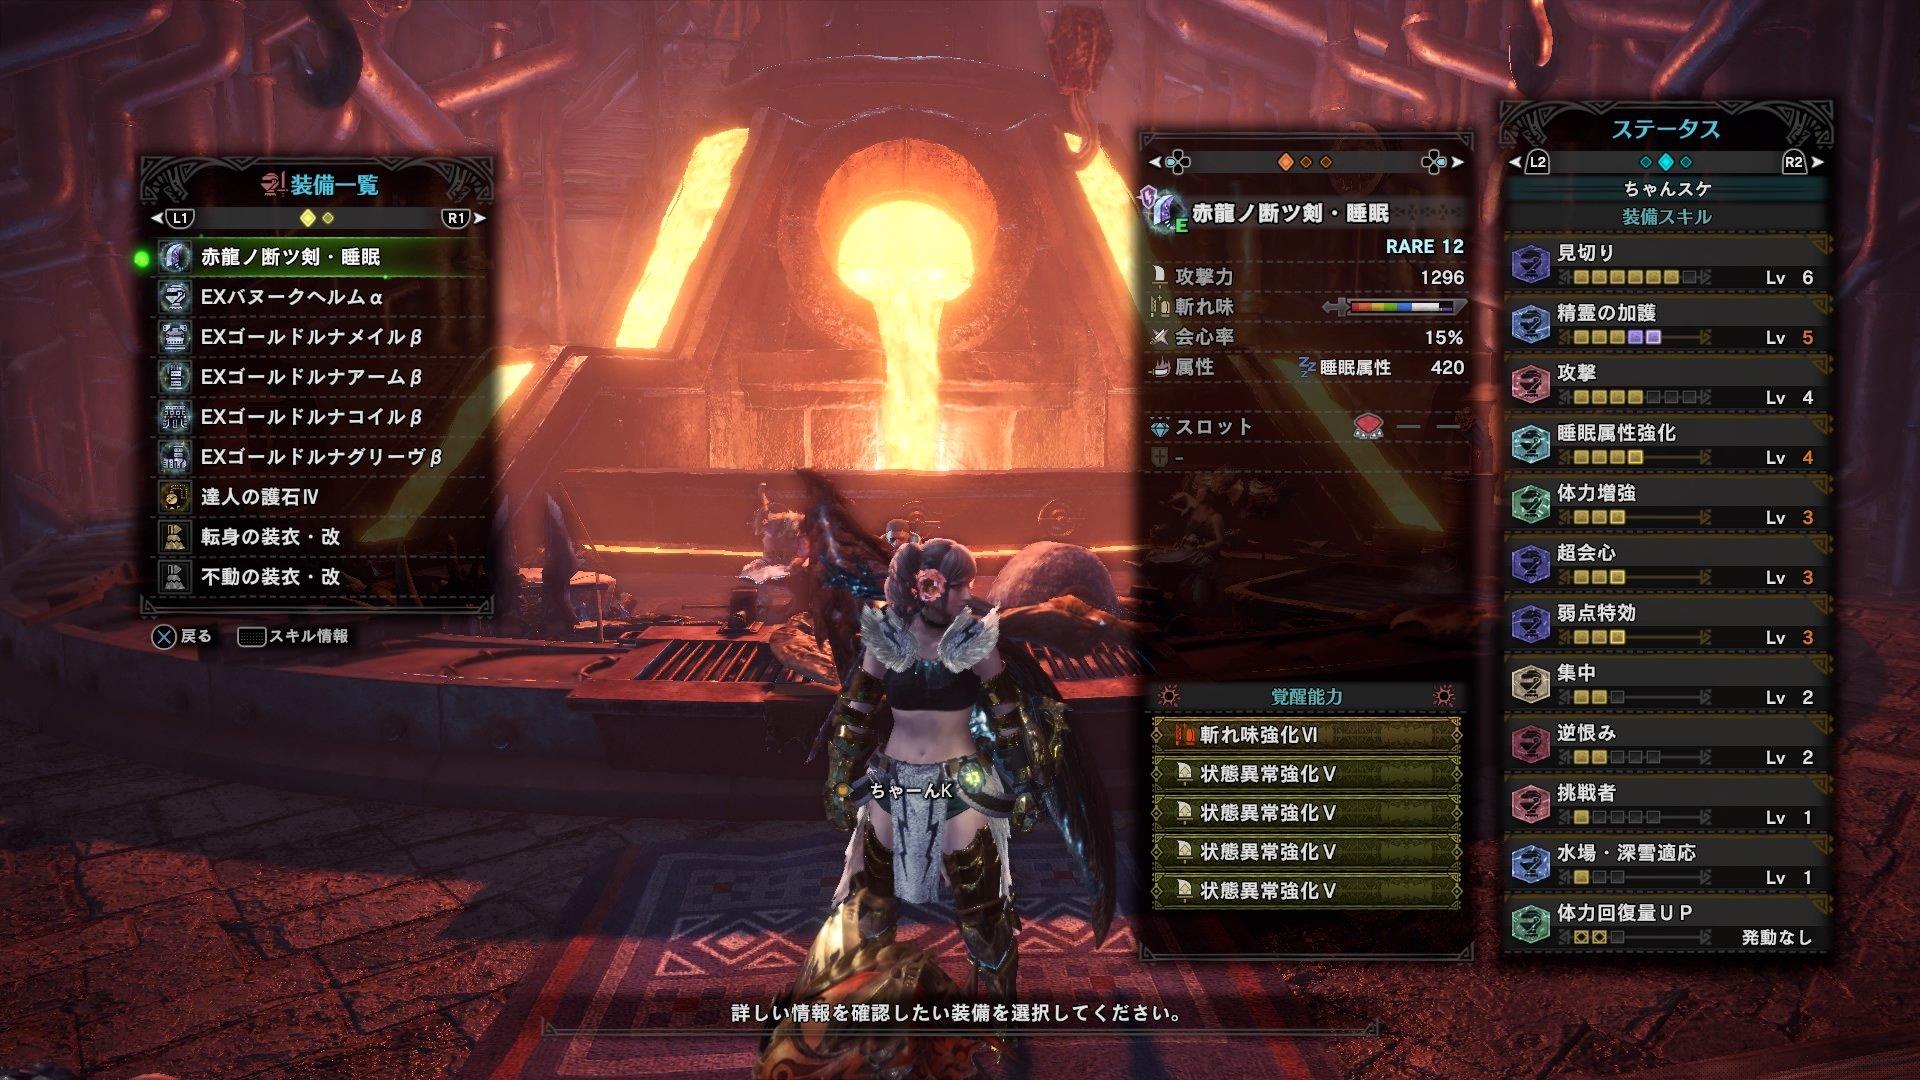 大剣 装備 アイスボーン 【アイスボーン】大剣の属性別最強武器